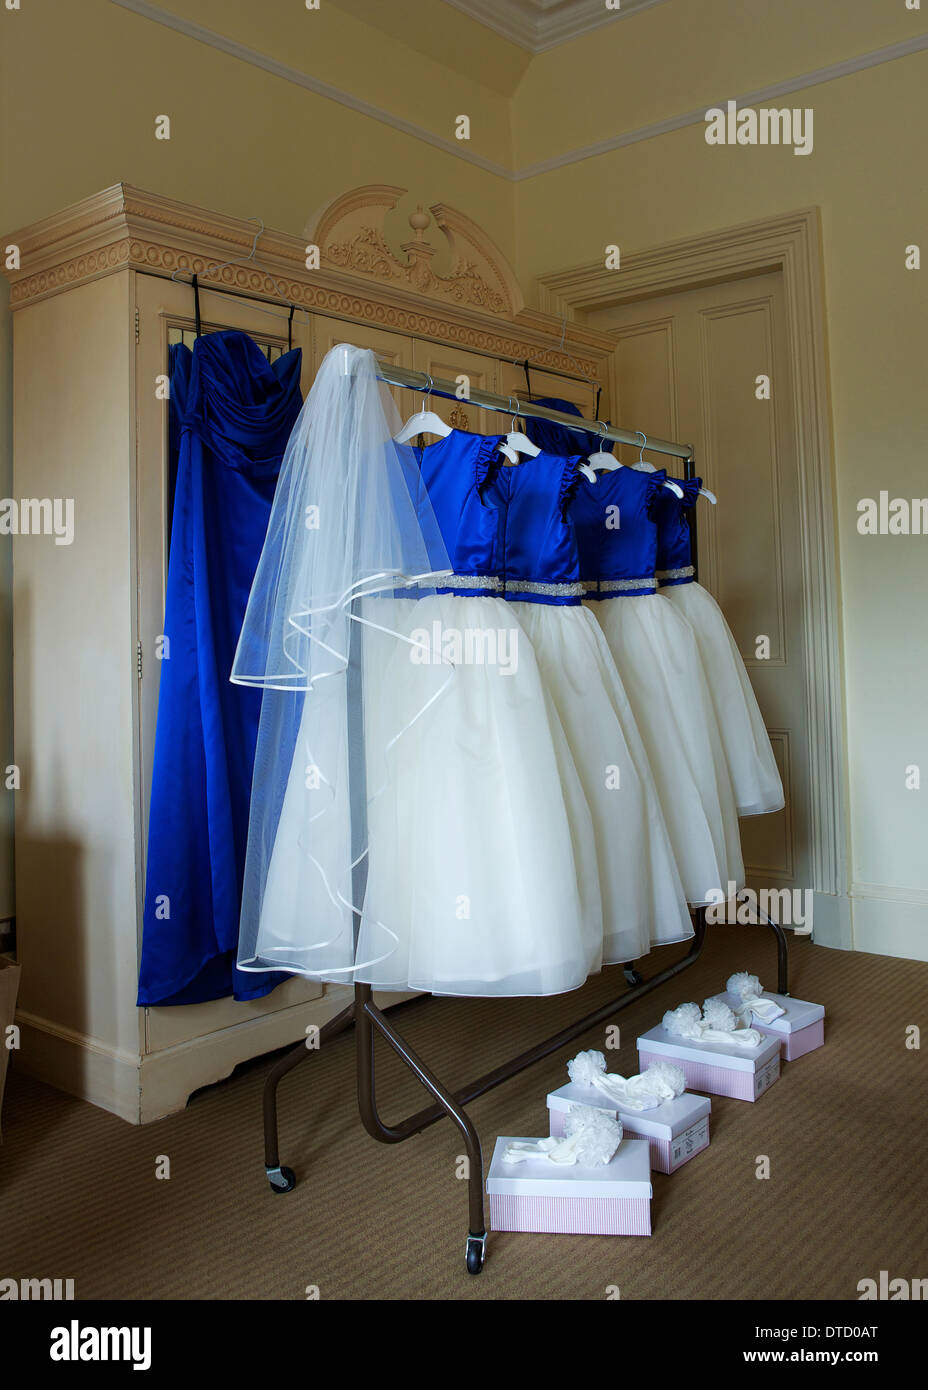 brautjungfer kleider aufhängen stockfotografie - alamy